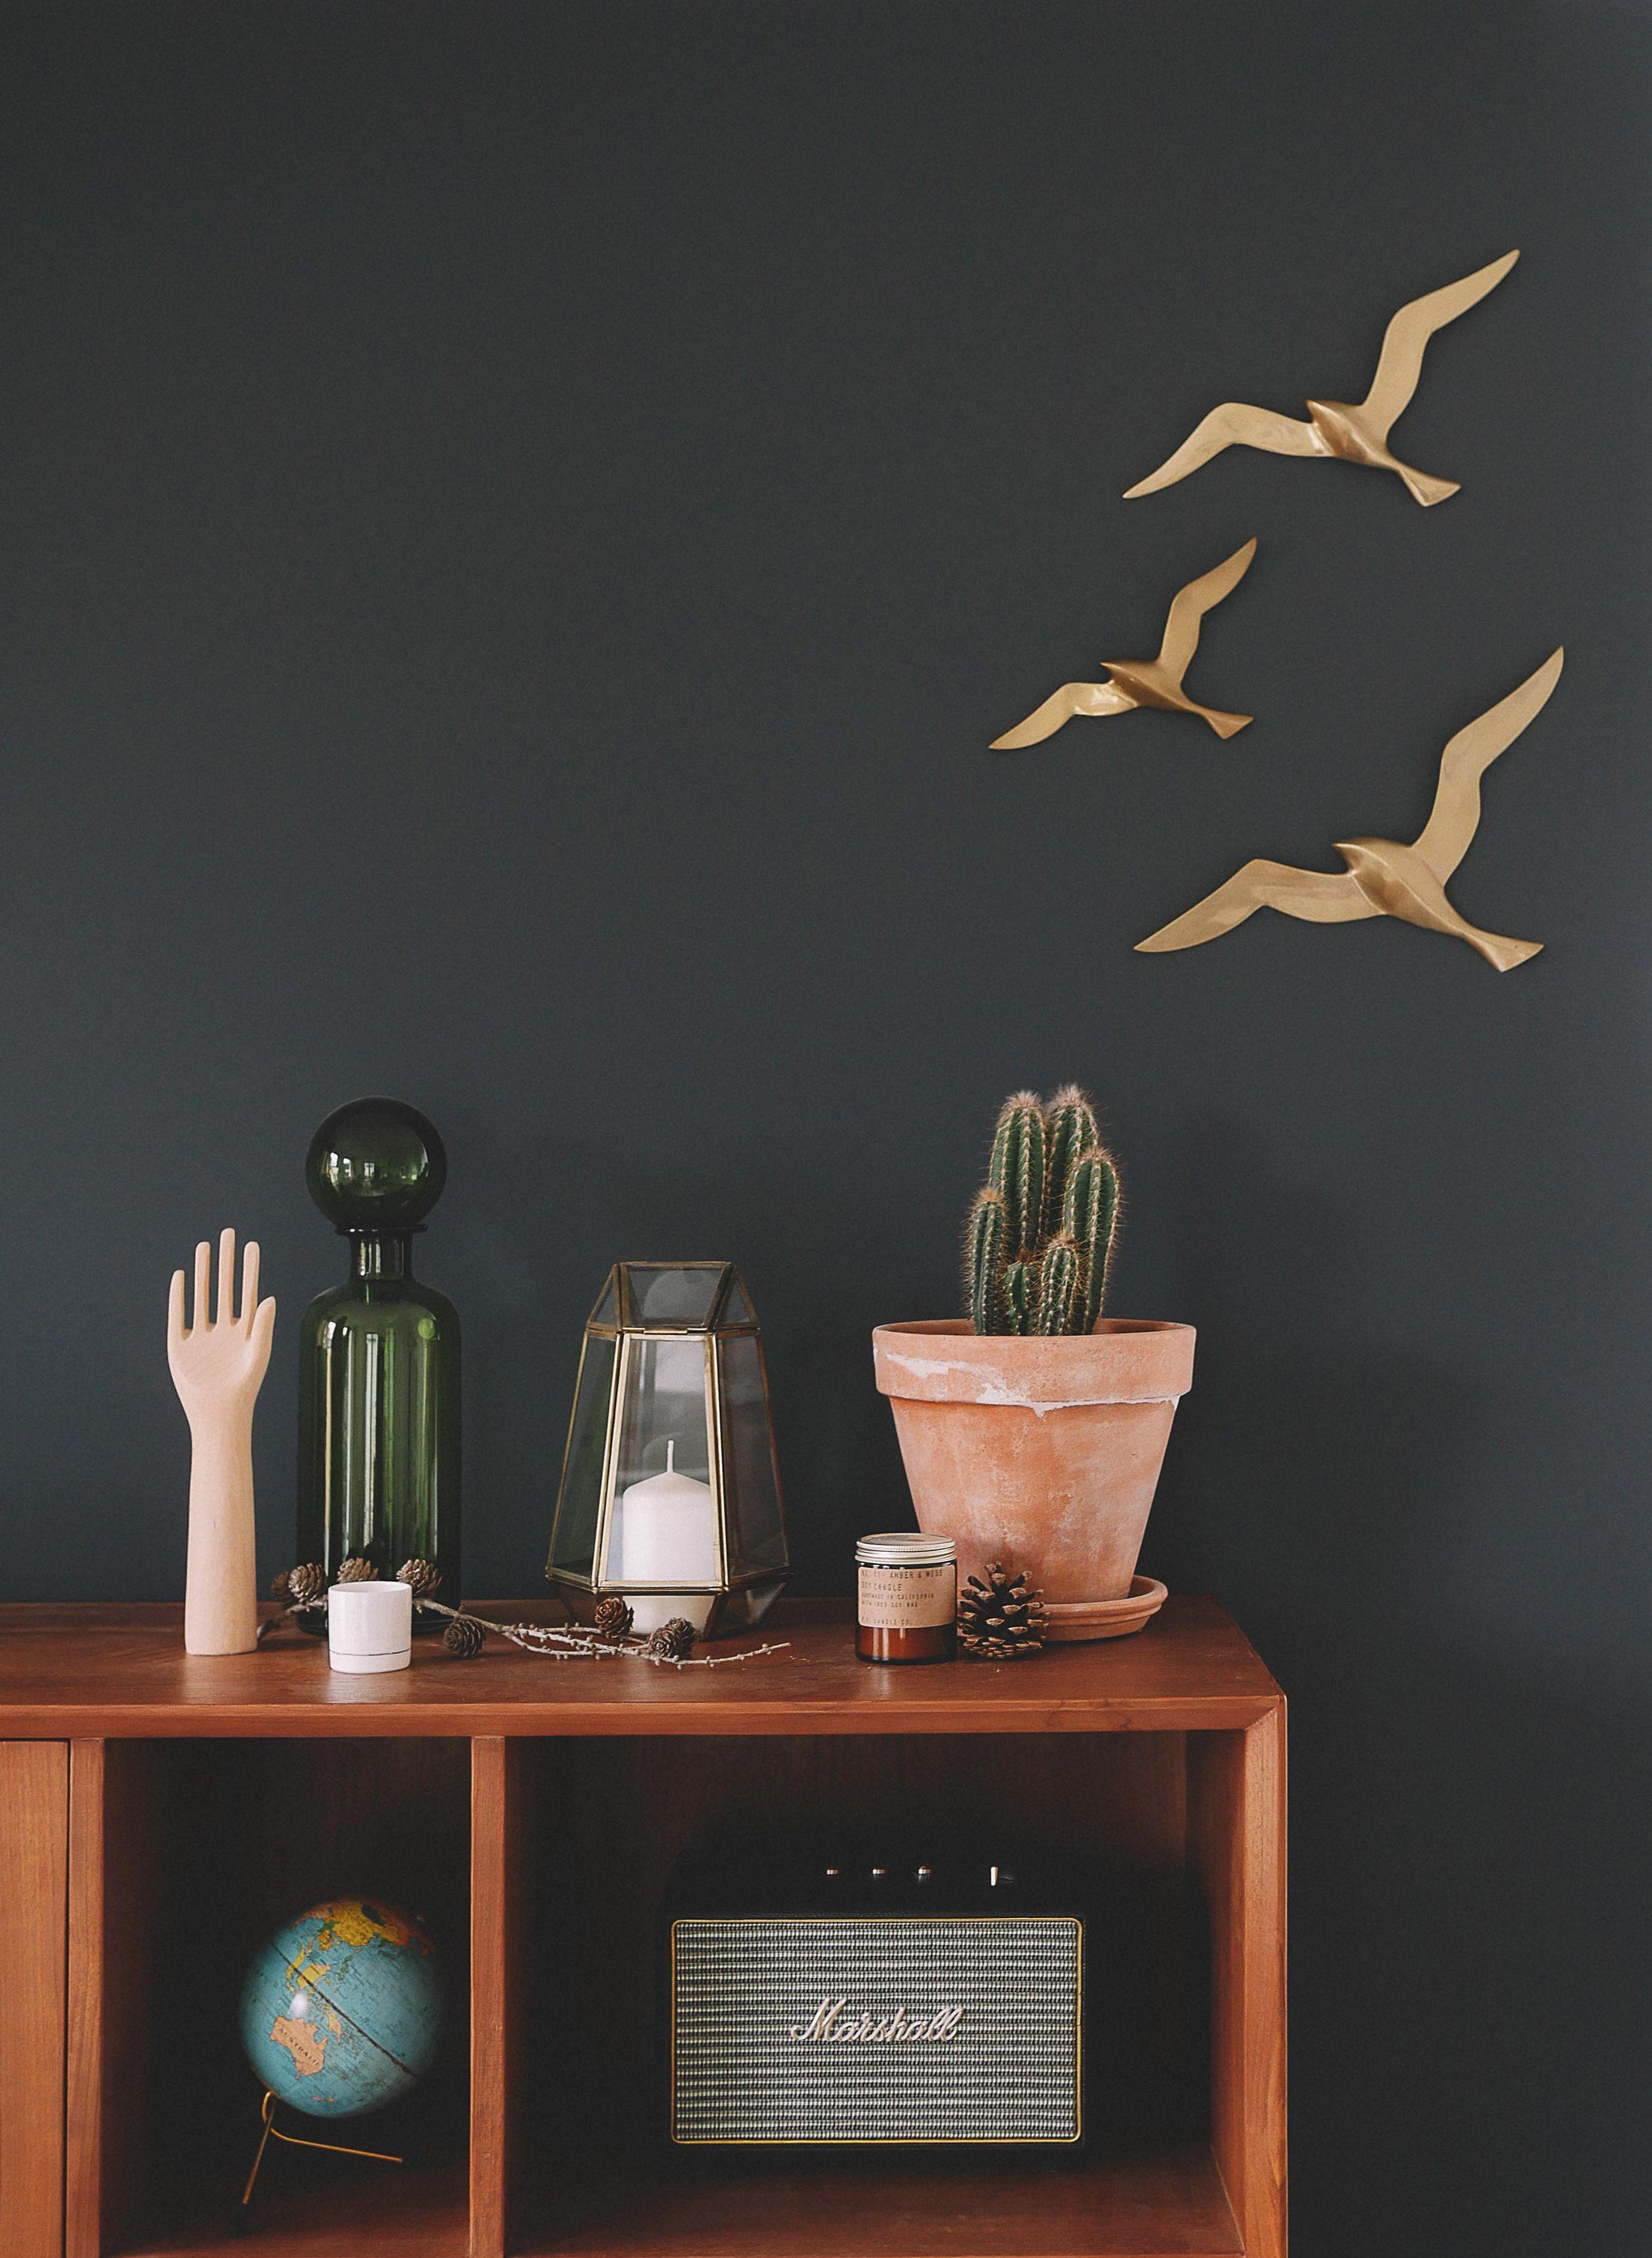 mur gris, mouettes en laiton et petite déco | interiors | exteriors ...